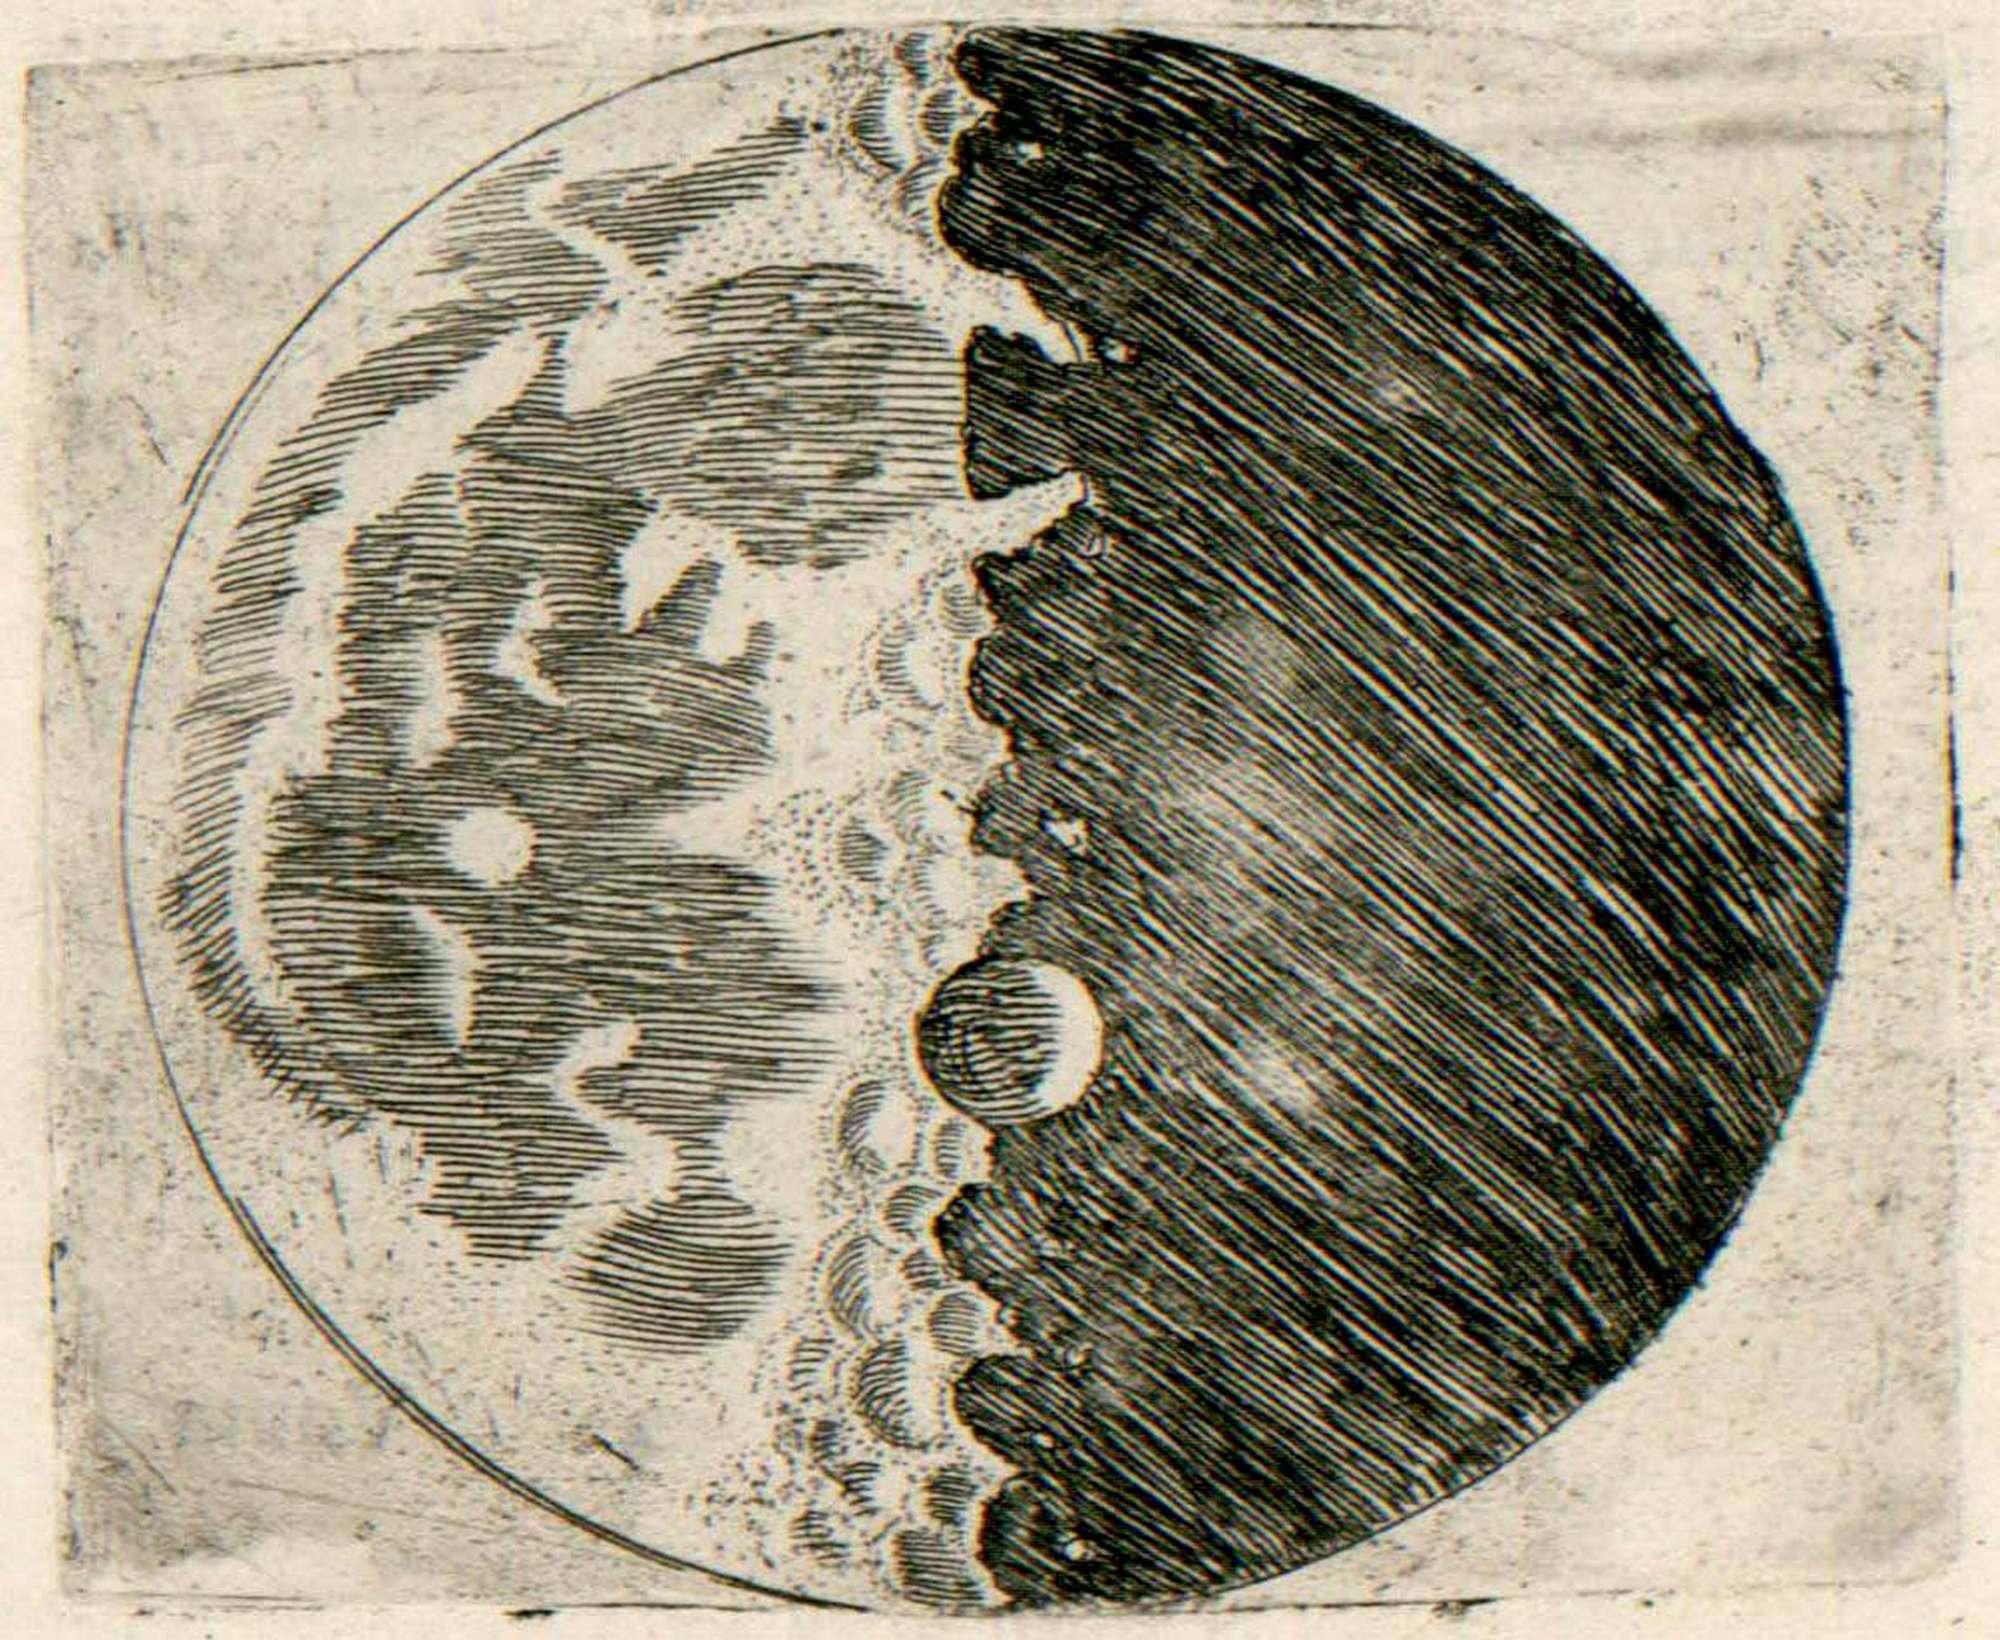 Рисунок рельефа поверхности Луны, выполненный Галилеем в 1609 году (yung.scienceontheweb.net).